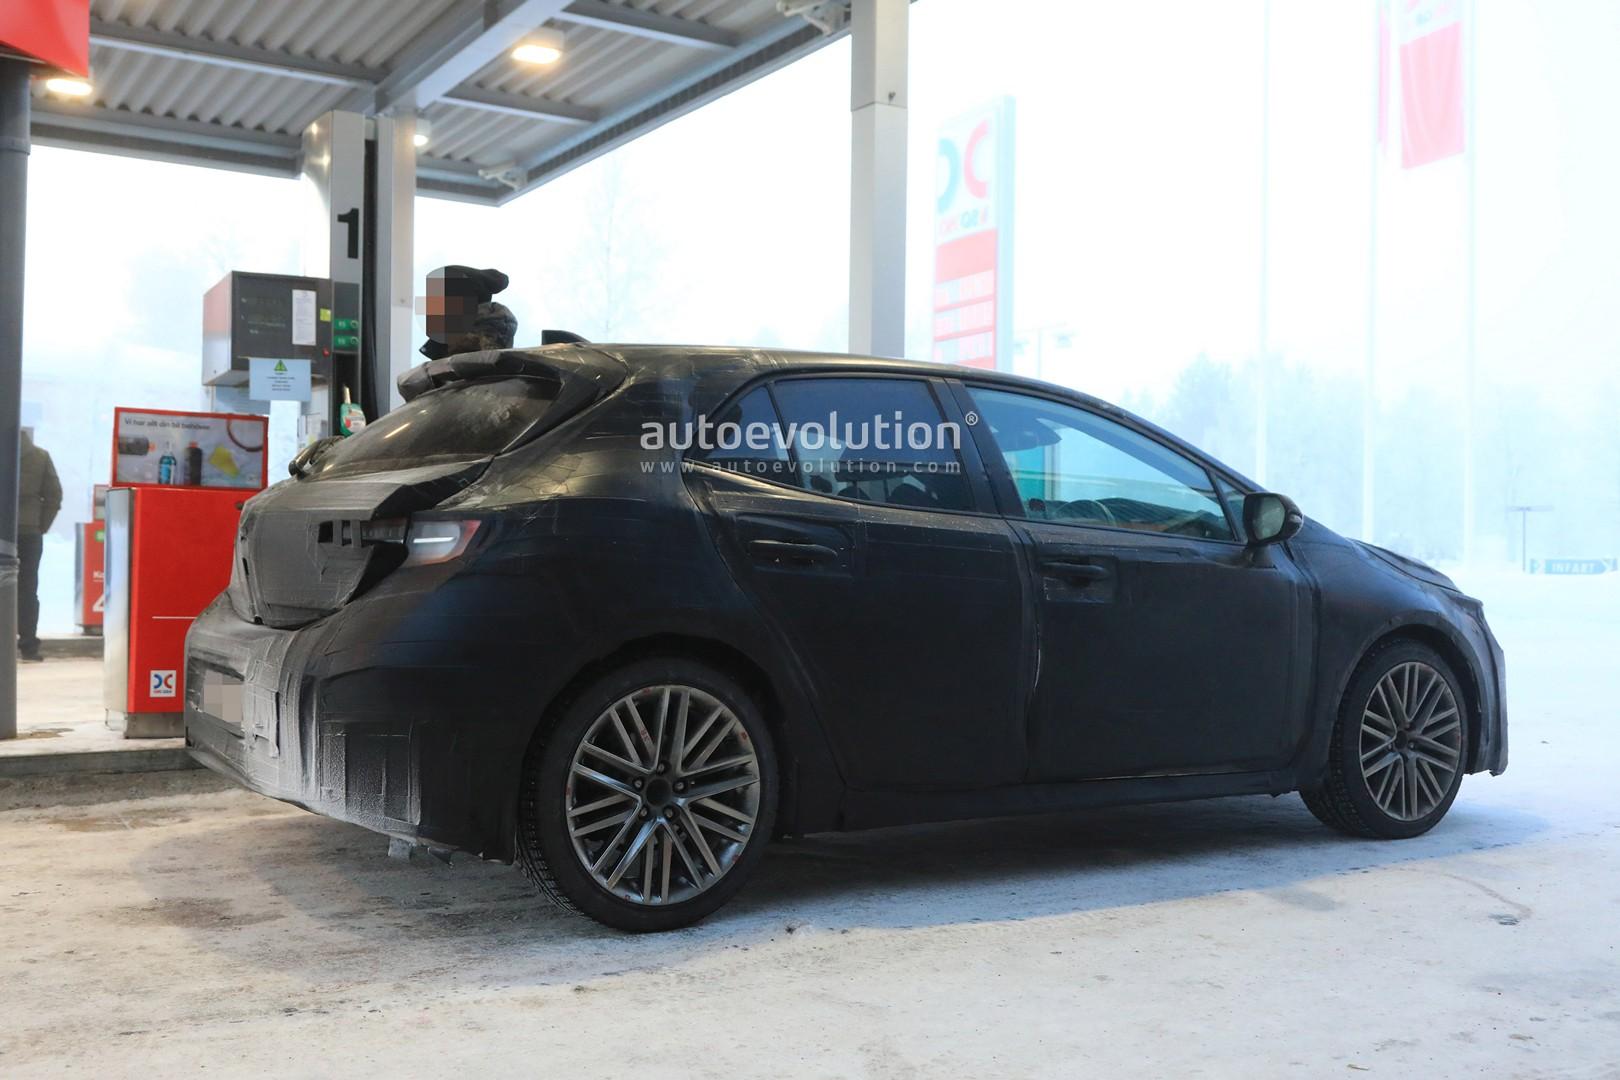 2019 Toyota Auris Reveals New Interior And Angular Design